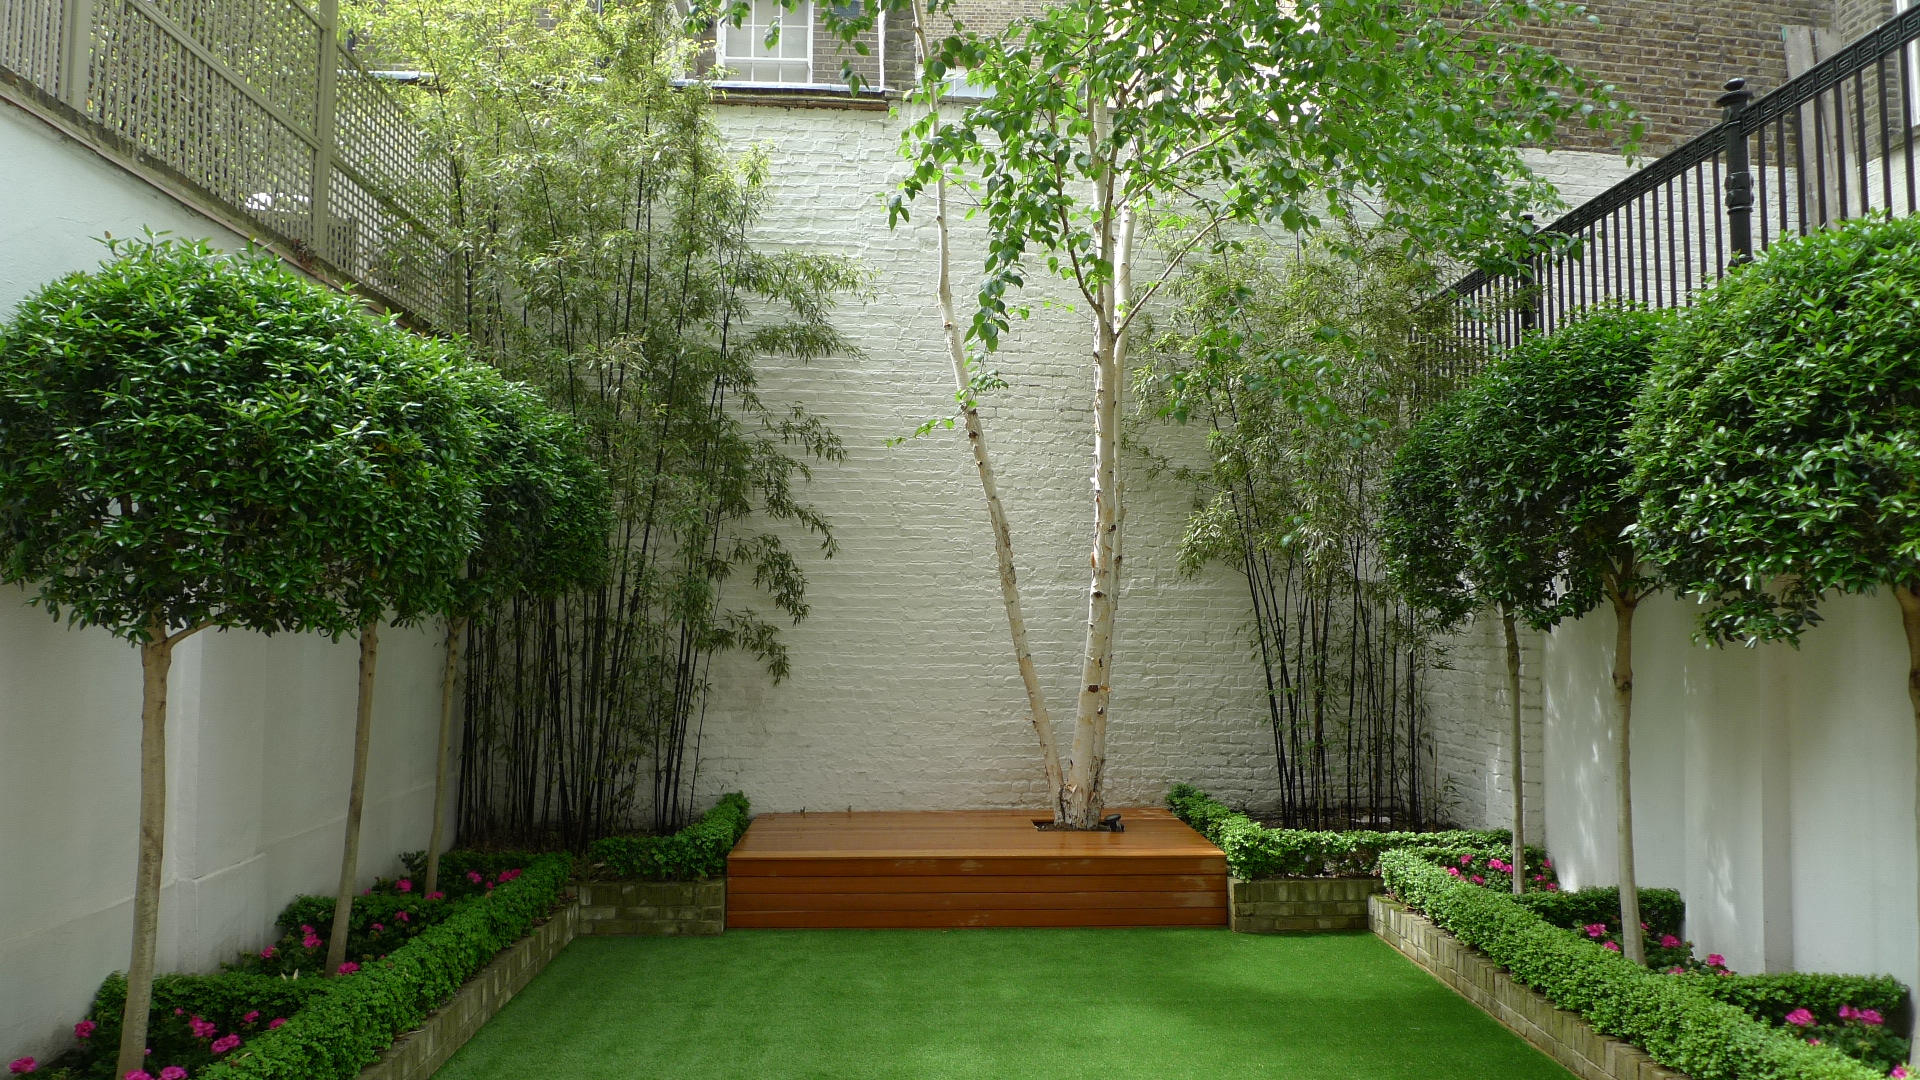 anewgarden garden designers builders chelsea clapham fulham battersea london